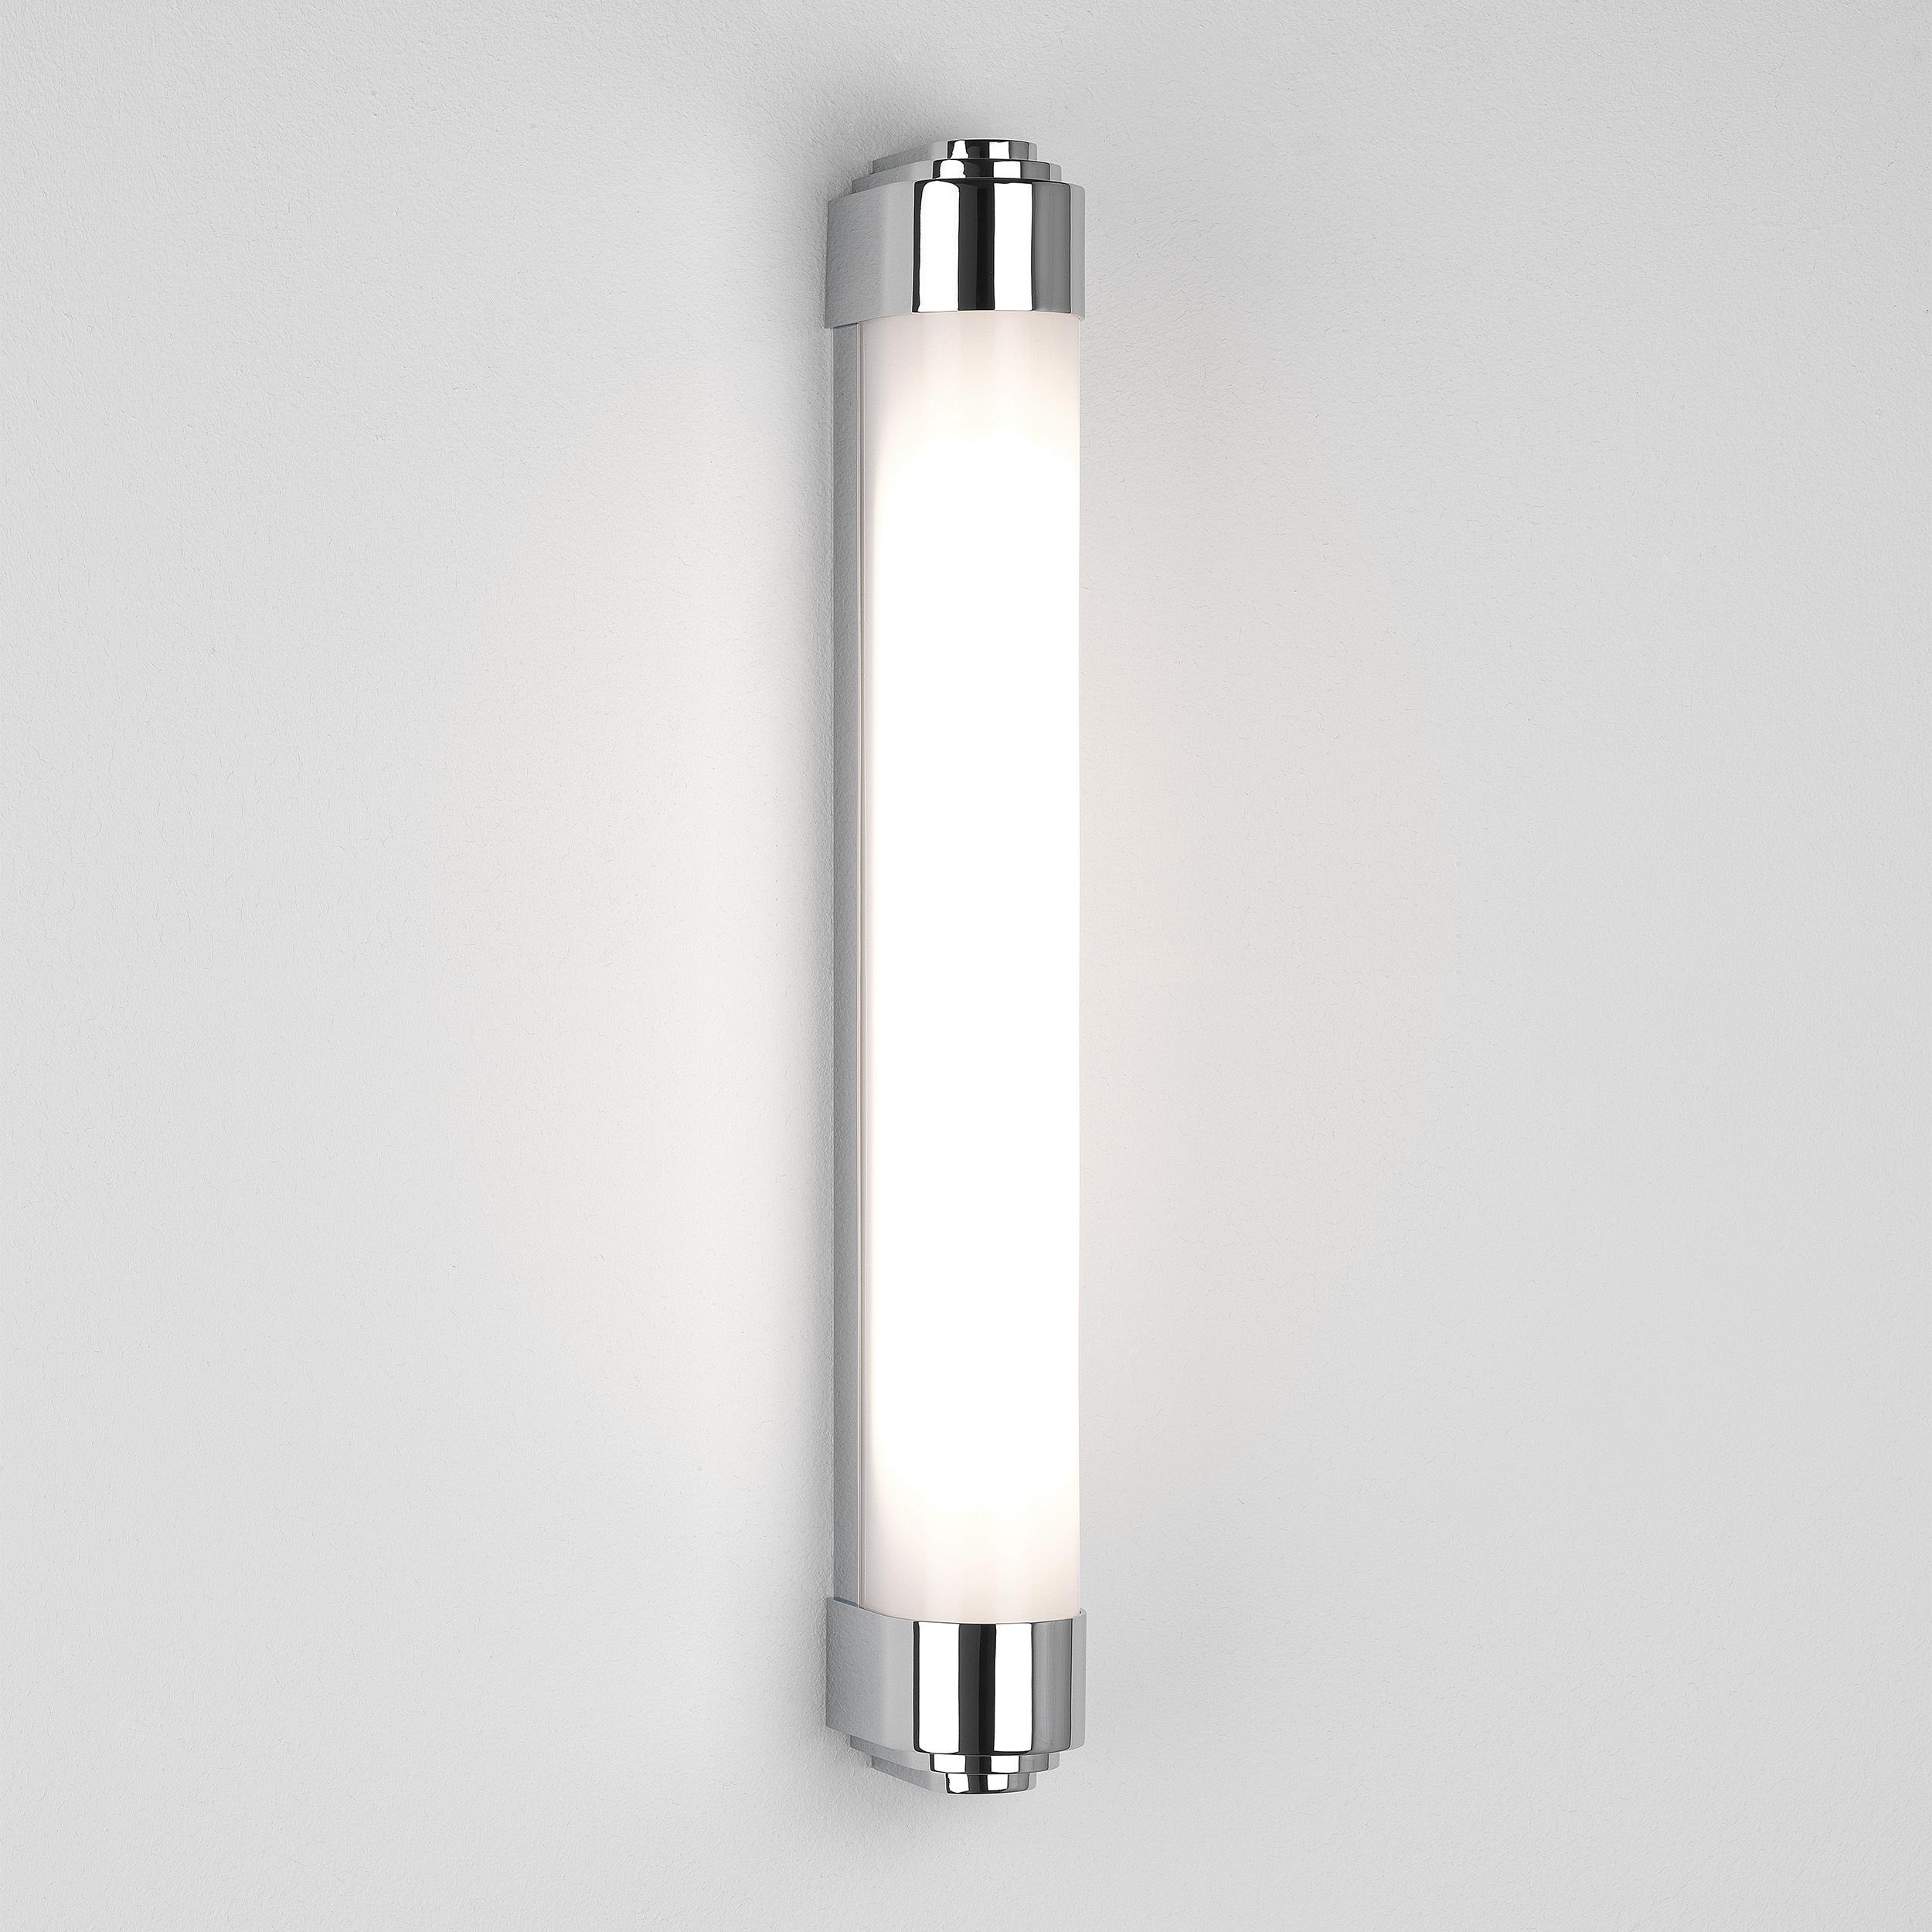 Настенный светодиодный светильник Astro Belgravia 1110008 (8044), IP44, LED 19W 3000K 723.06lm CRI80, хром, белый, металл, пластик - фото 1